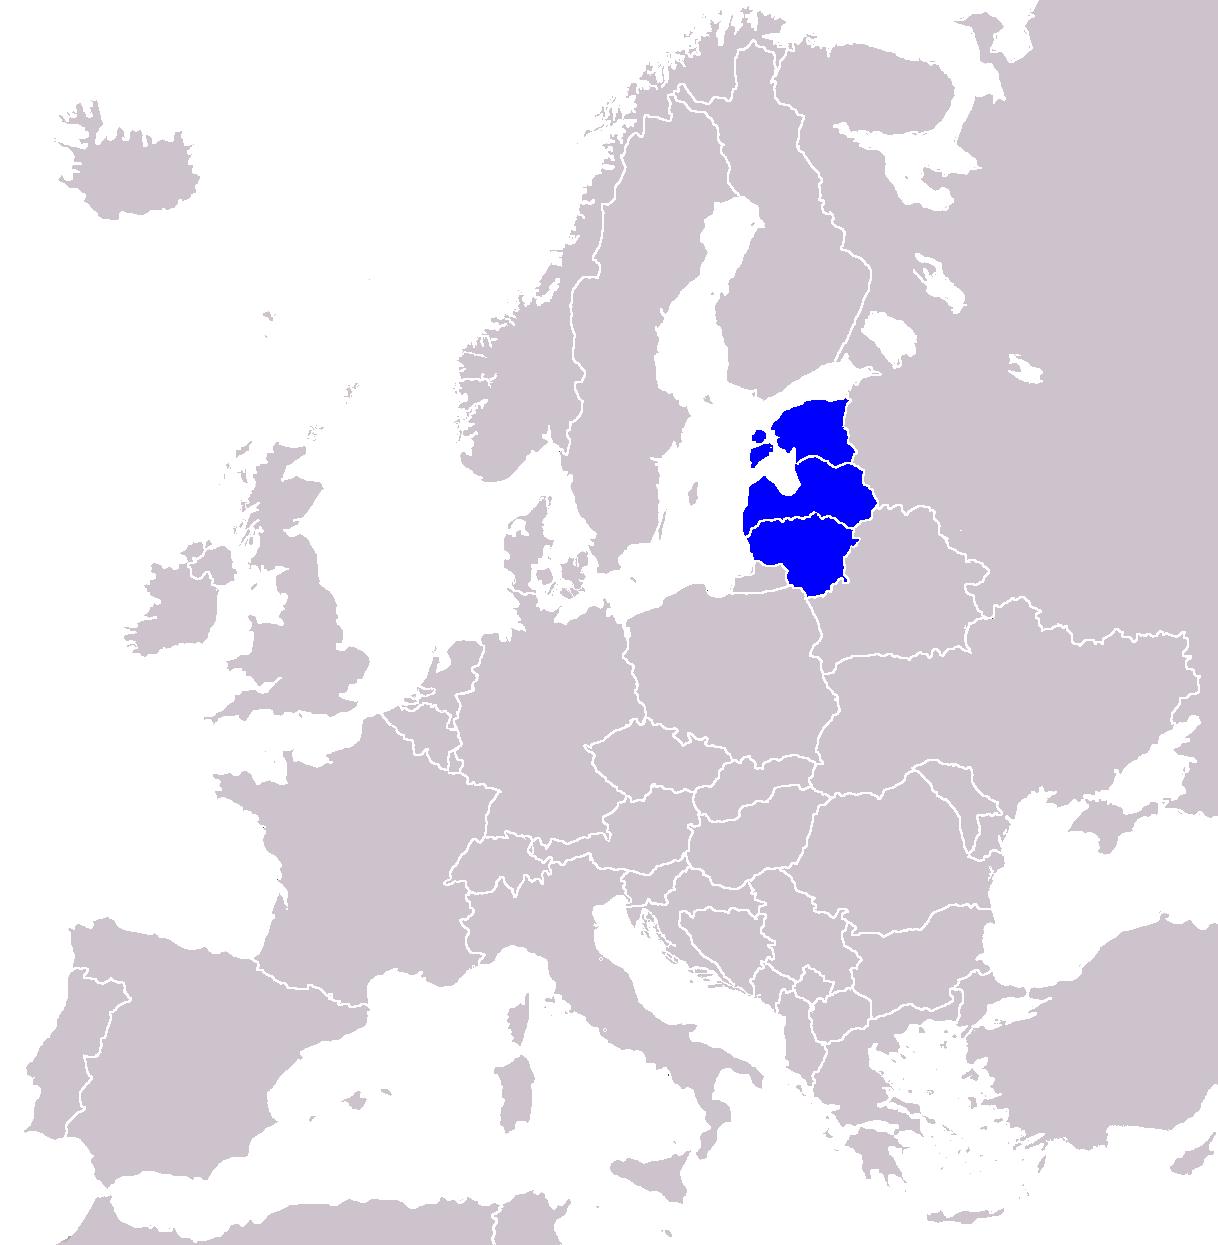 Repúblicas Bálticas (Estonia, Letonia y Lituania)